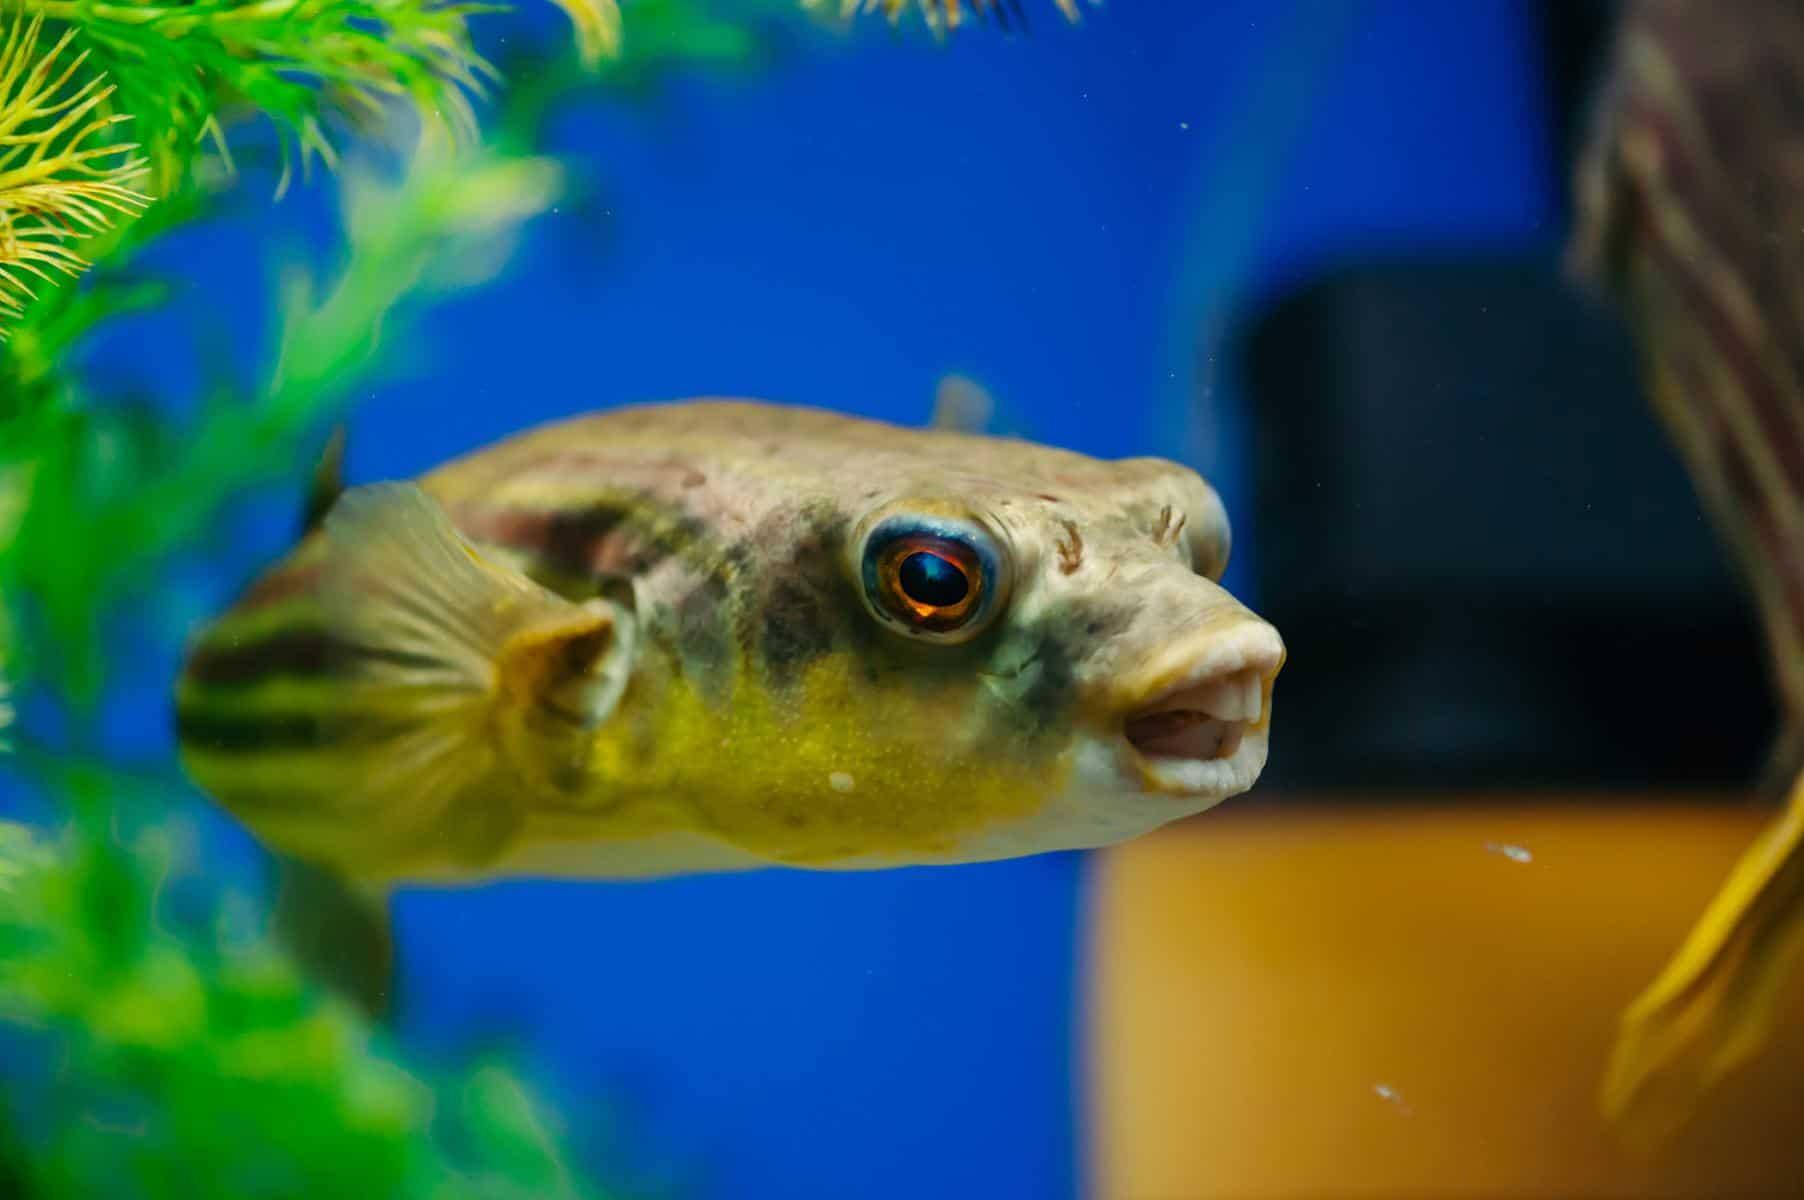 fahaka pufferfish floats in the aquarium